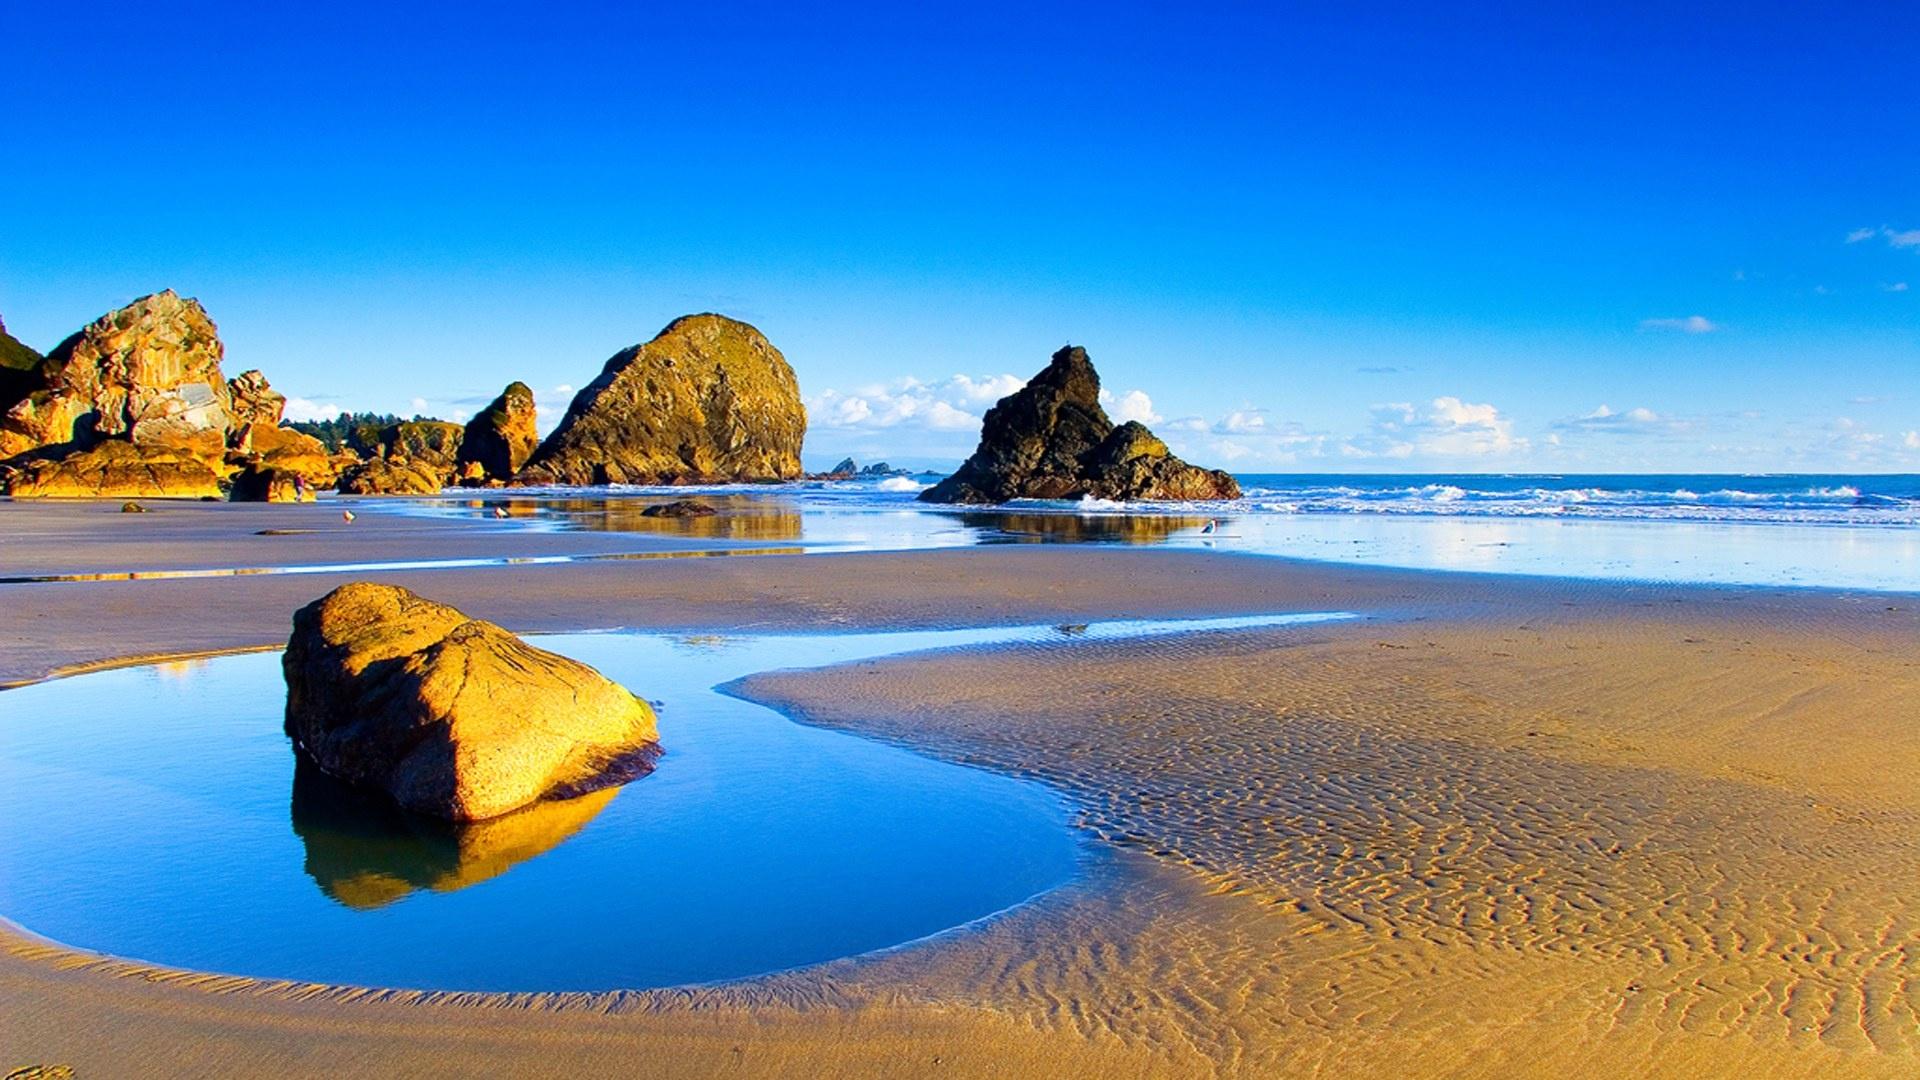 spiaggia_con_scogli_falsi_colori